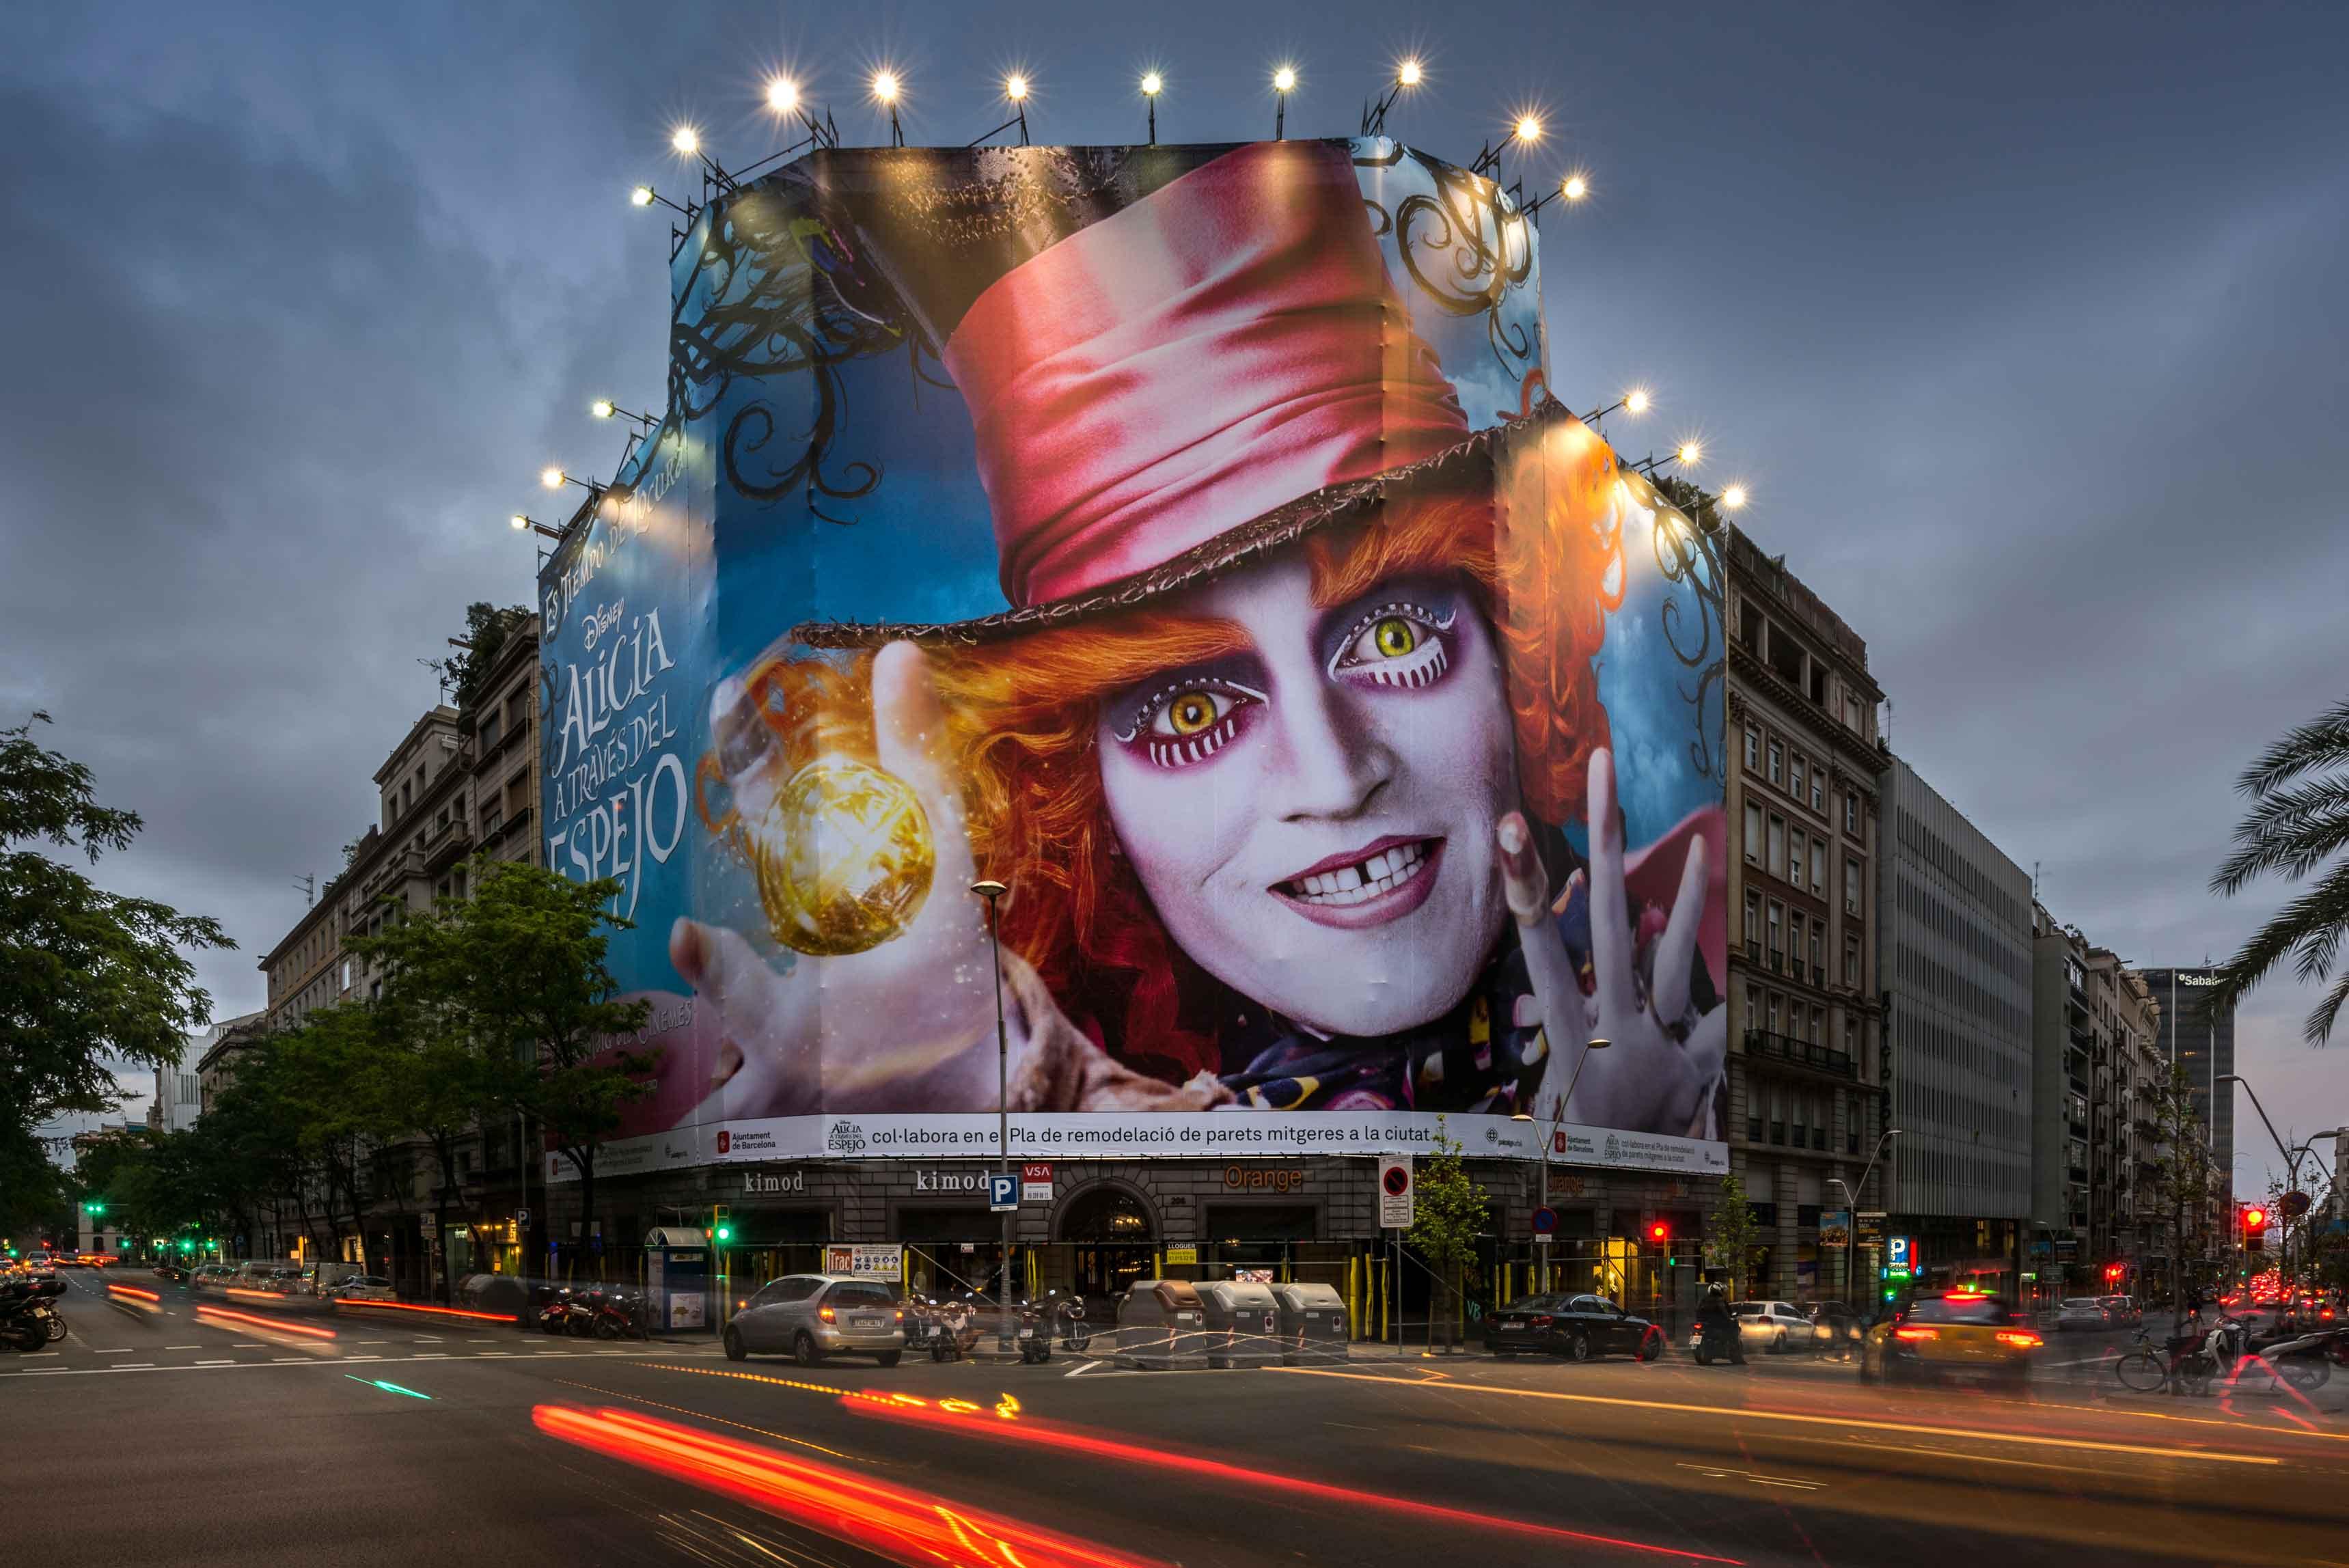 lona-publicitaria-barcelona-balmes-206-disney-alicia-a-traves-del-espejo-travessera-vsa-comunicacion